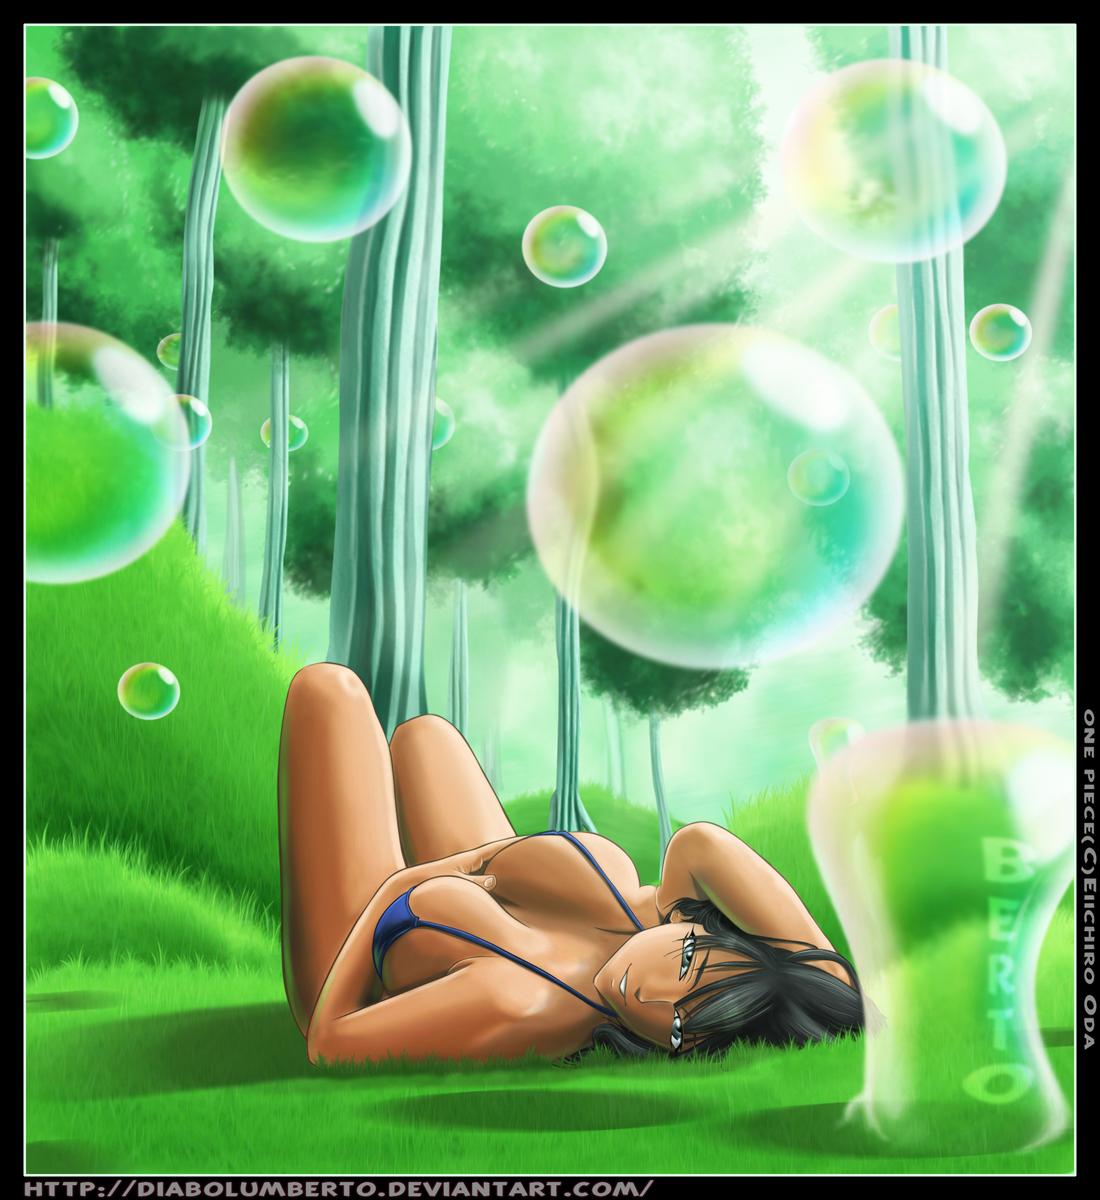 http://3.bp.blogspot.com/-r_PXS4xT9oA/UPOiLS_g9qI/AAAAAAAAGhE/6HDcrV-uSEM/s1600/One%2BPiece%2BSwimsuits%2BClearance%2Bby%2Bdq%2B01.jpg